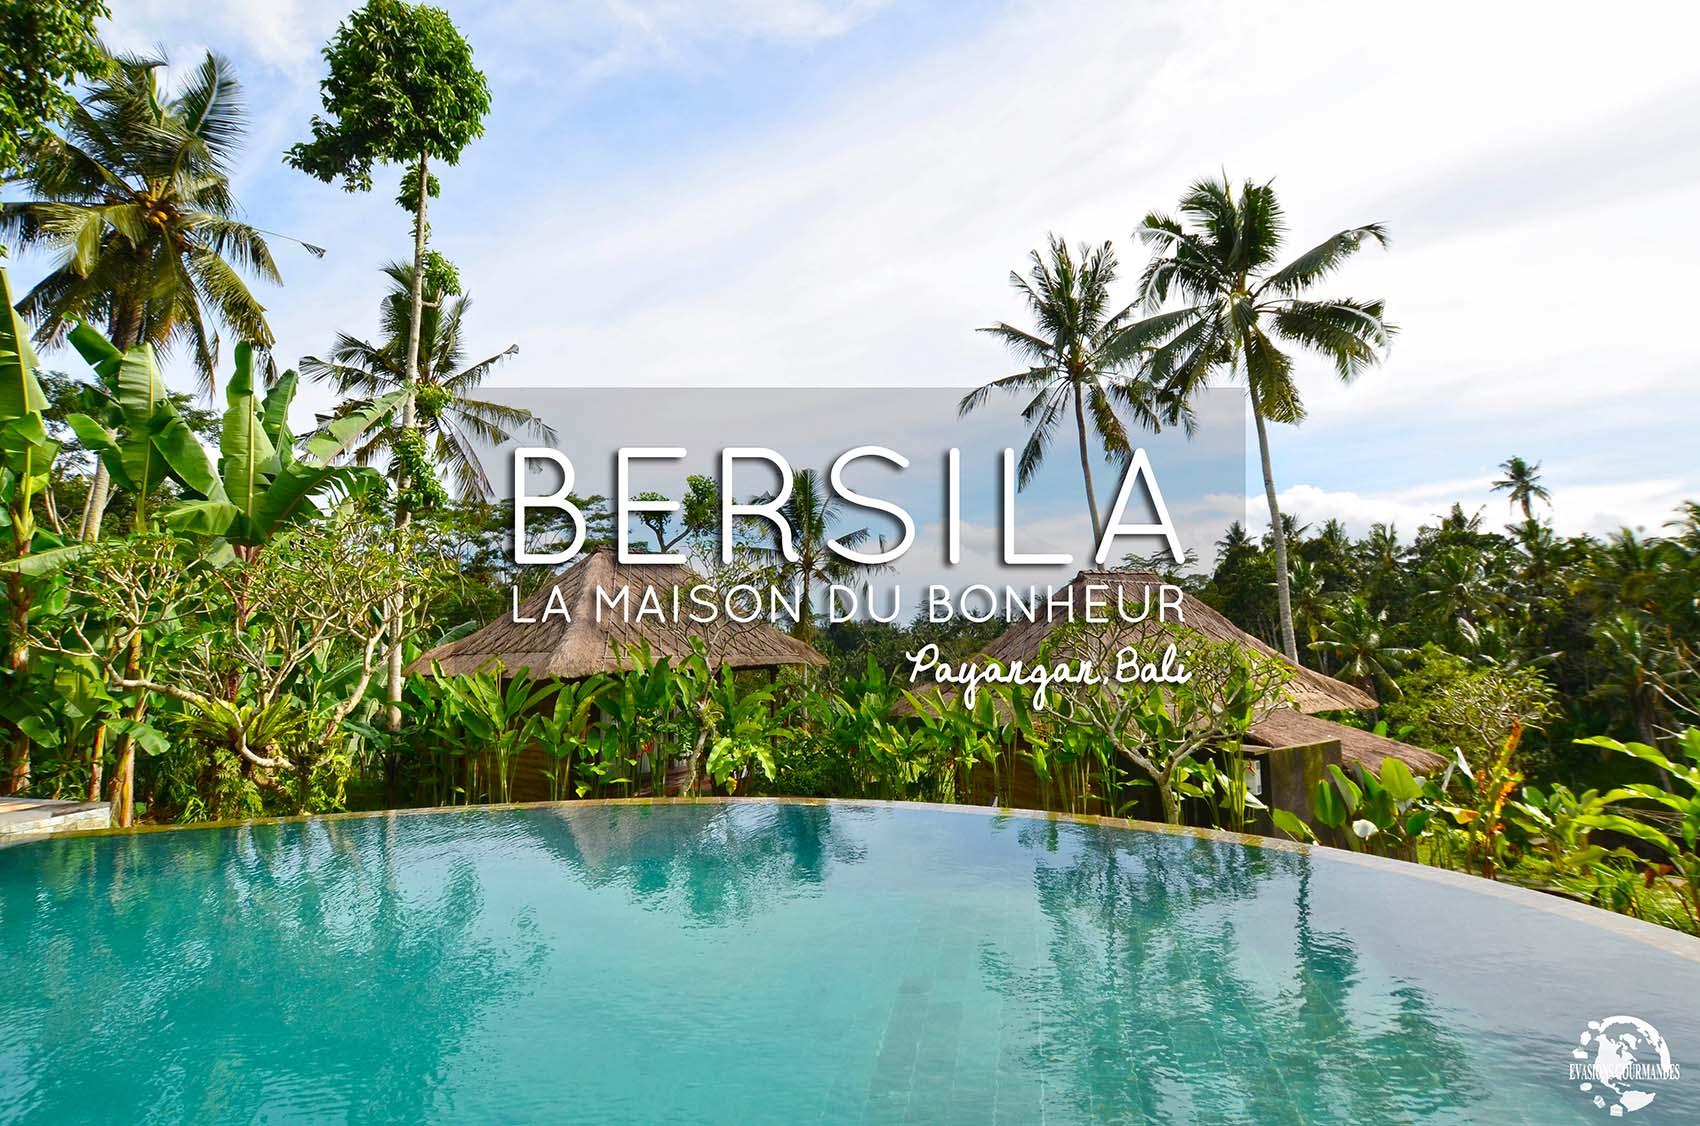 Où dormir à Ubud ? Bersila, maison du bonheur